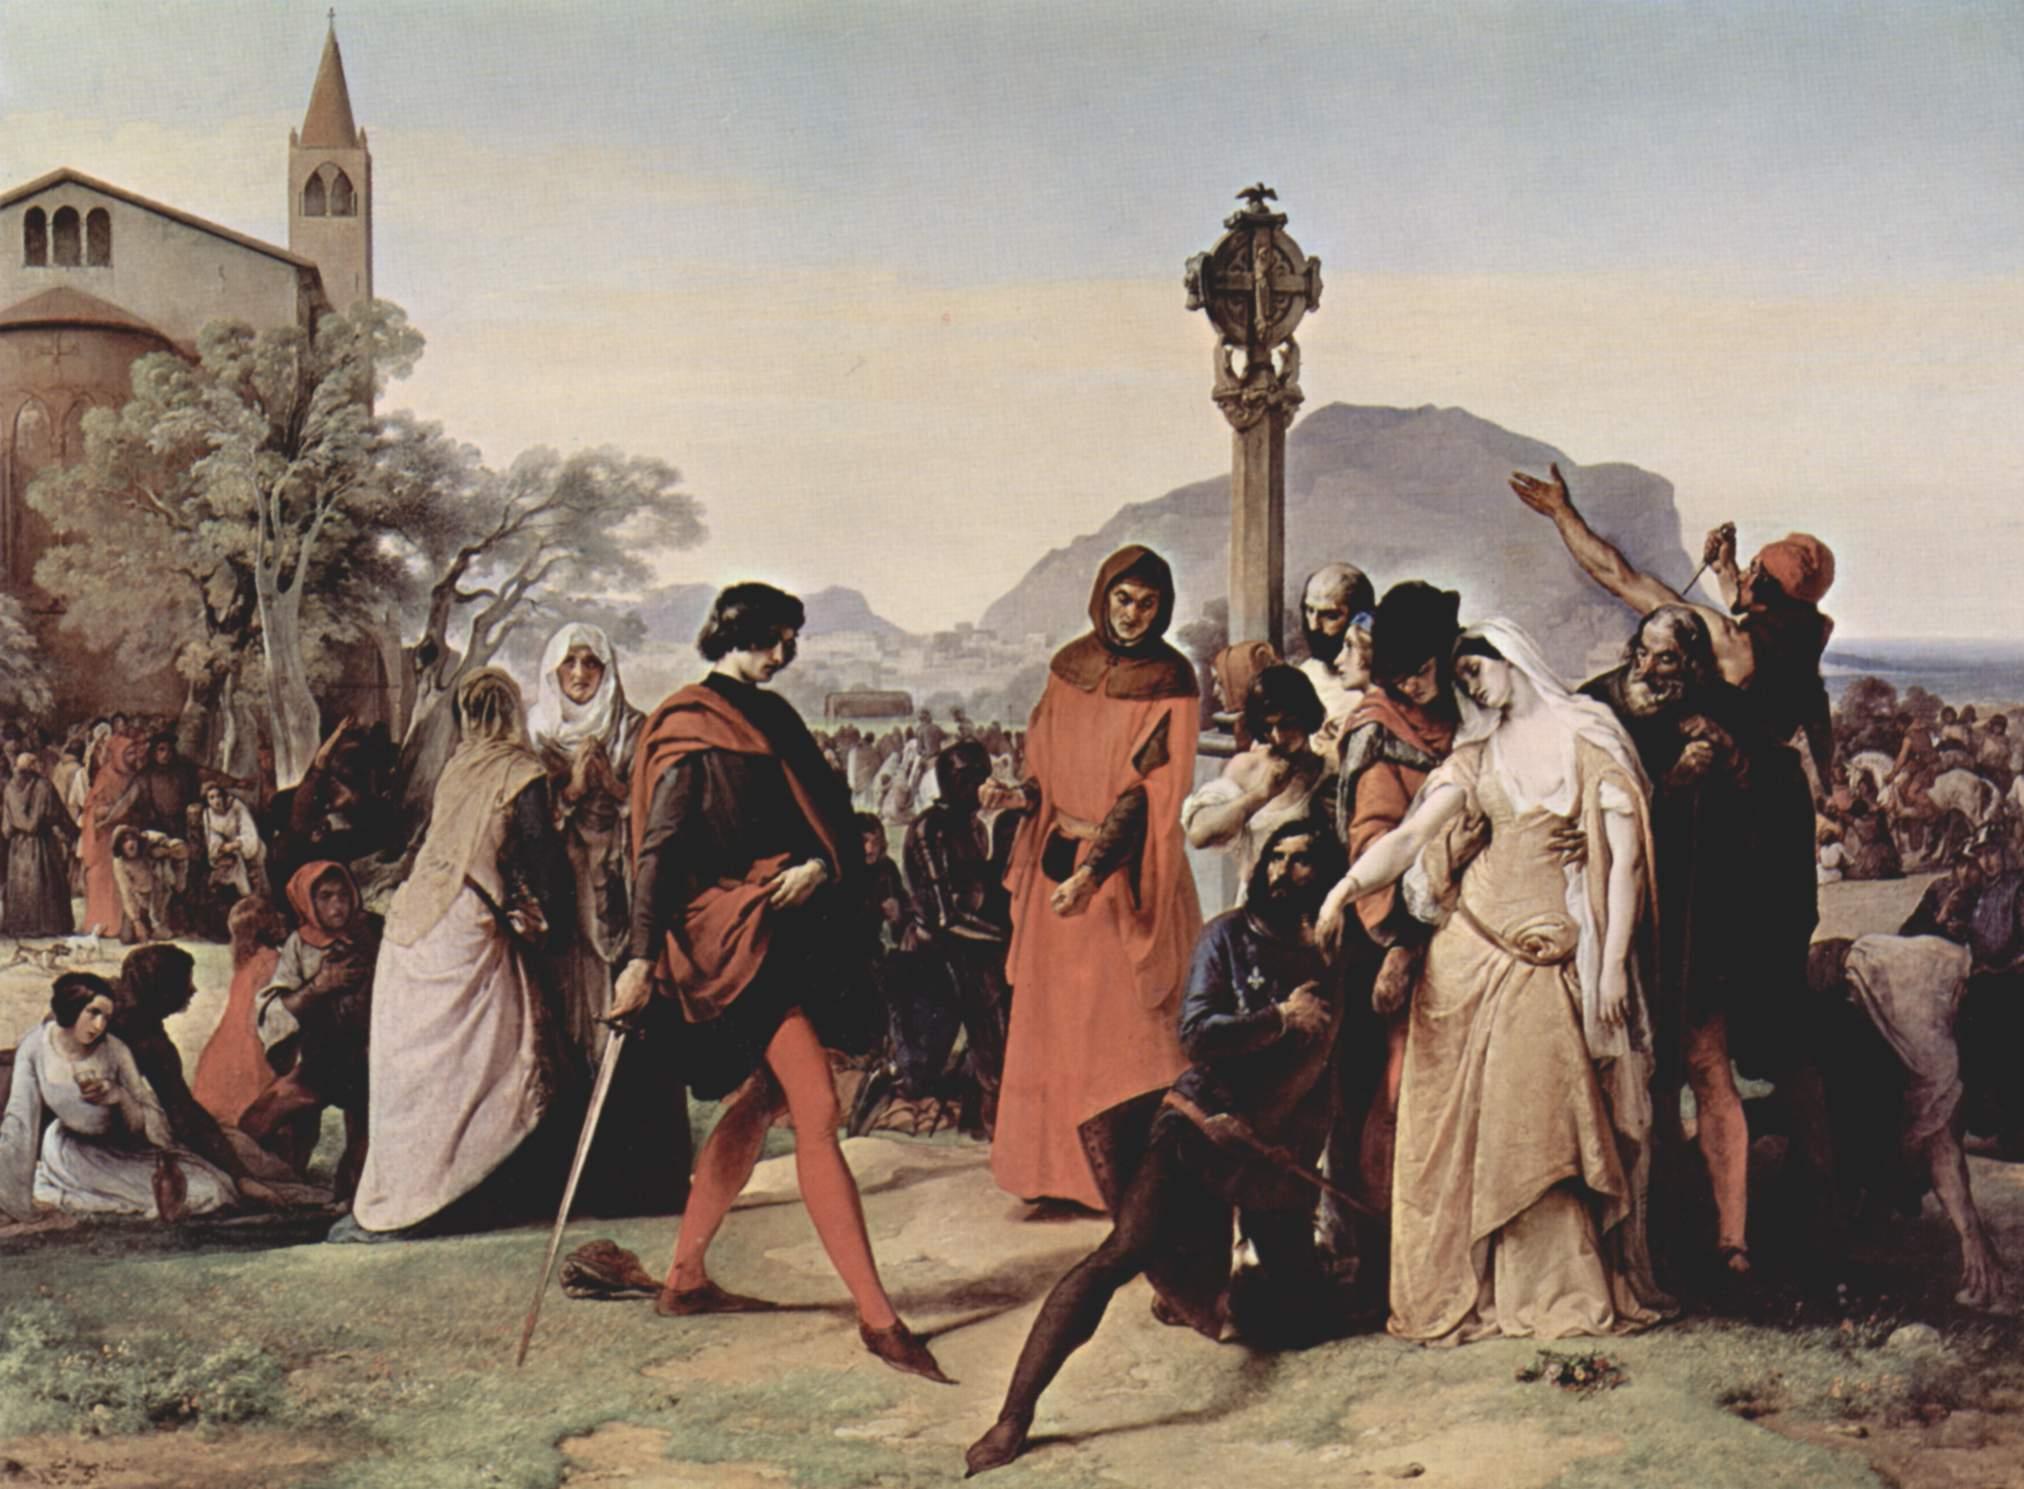 Drouet trafitto dalla spada viene ucciso, da I Vespri siciliani di Francesco Hayez (Galleria nazionale d'arte moderna e contemporanea).